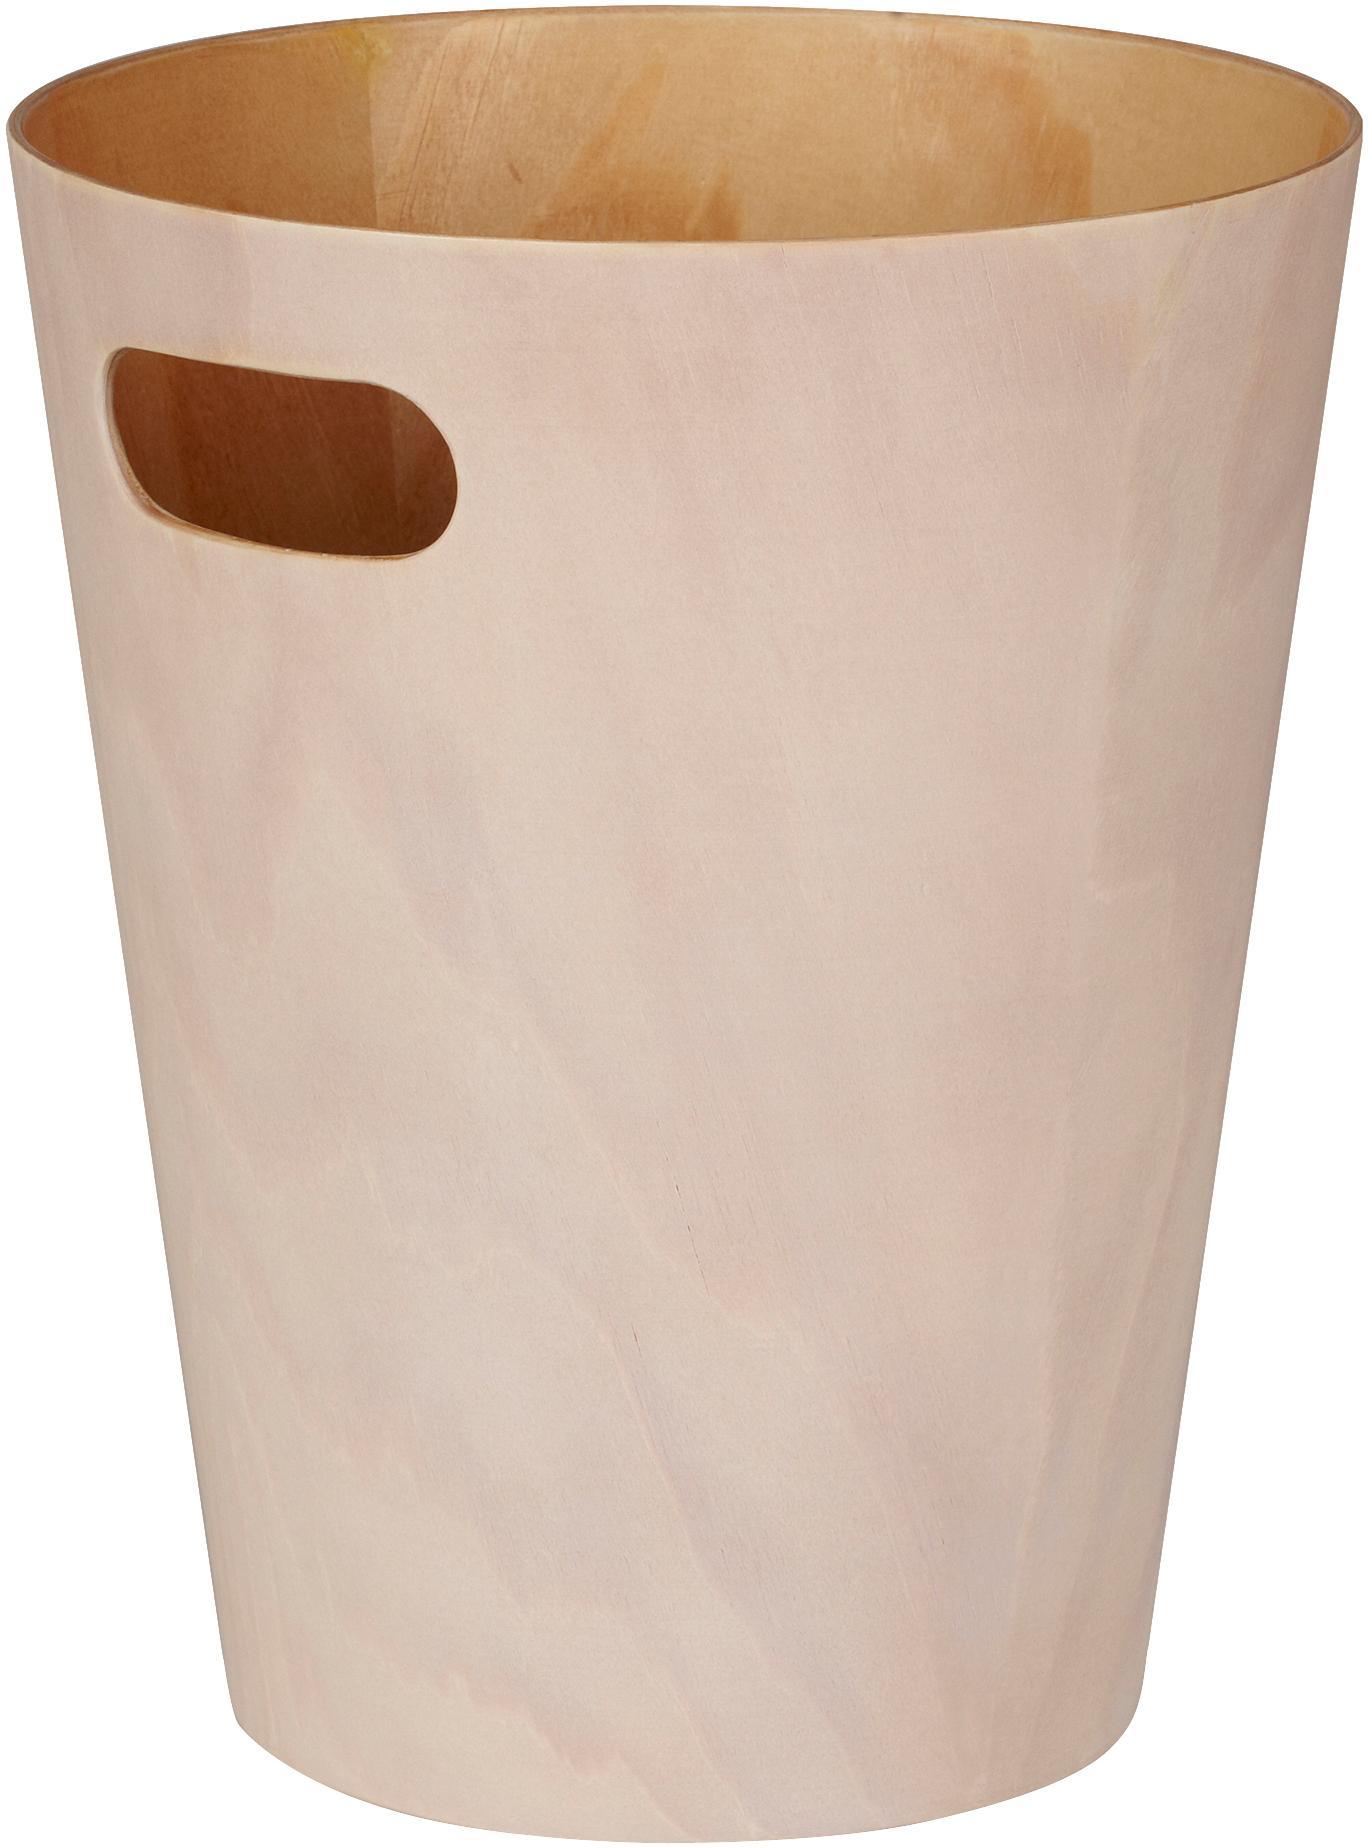 Cestino per la carta Woodrow Can, Legno verniciato, Rosa chiaro, Ø 23 x Alt. 28 cm